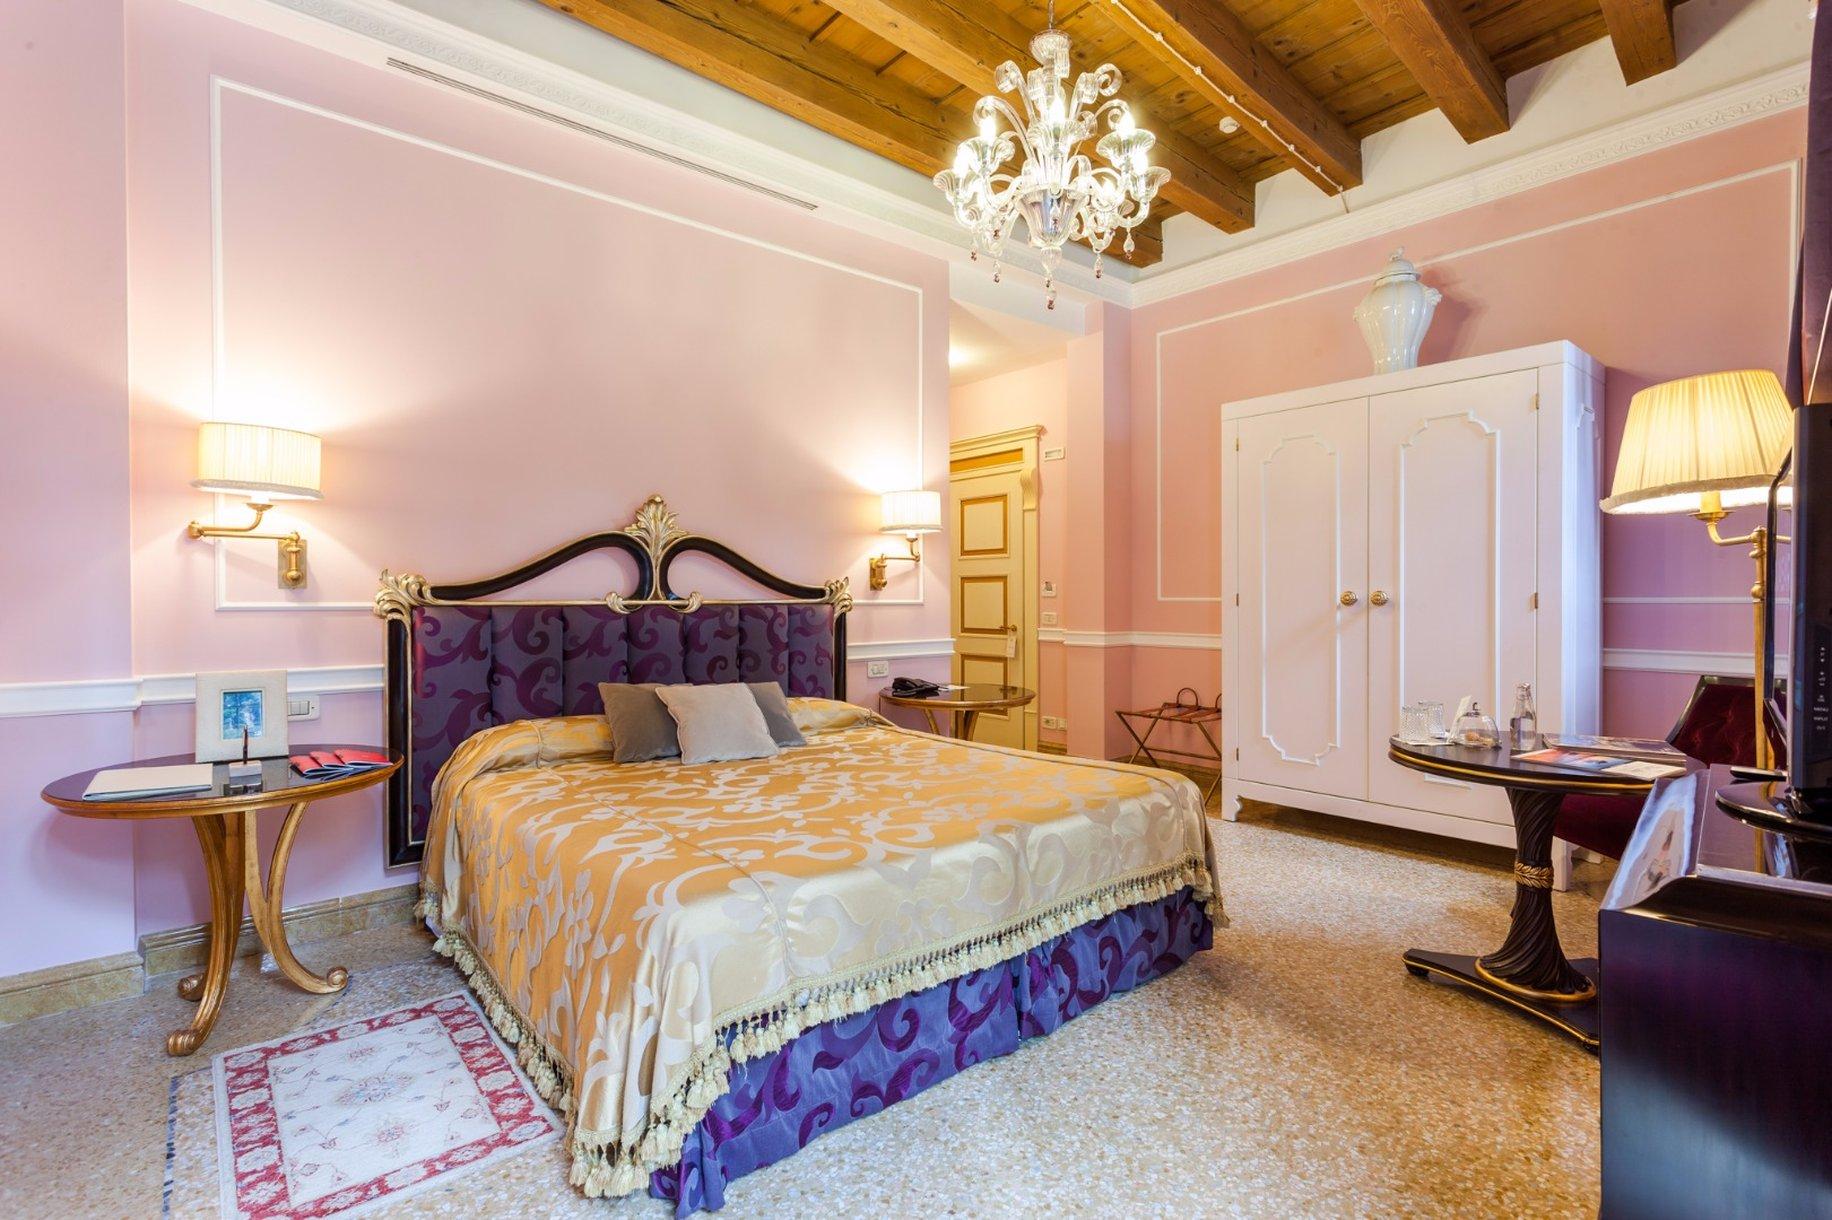 Corte San Luca Bardolino villa cordevigo wine relais- cavaion veronese, italy hotels